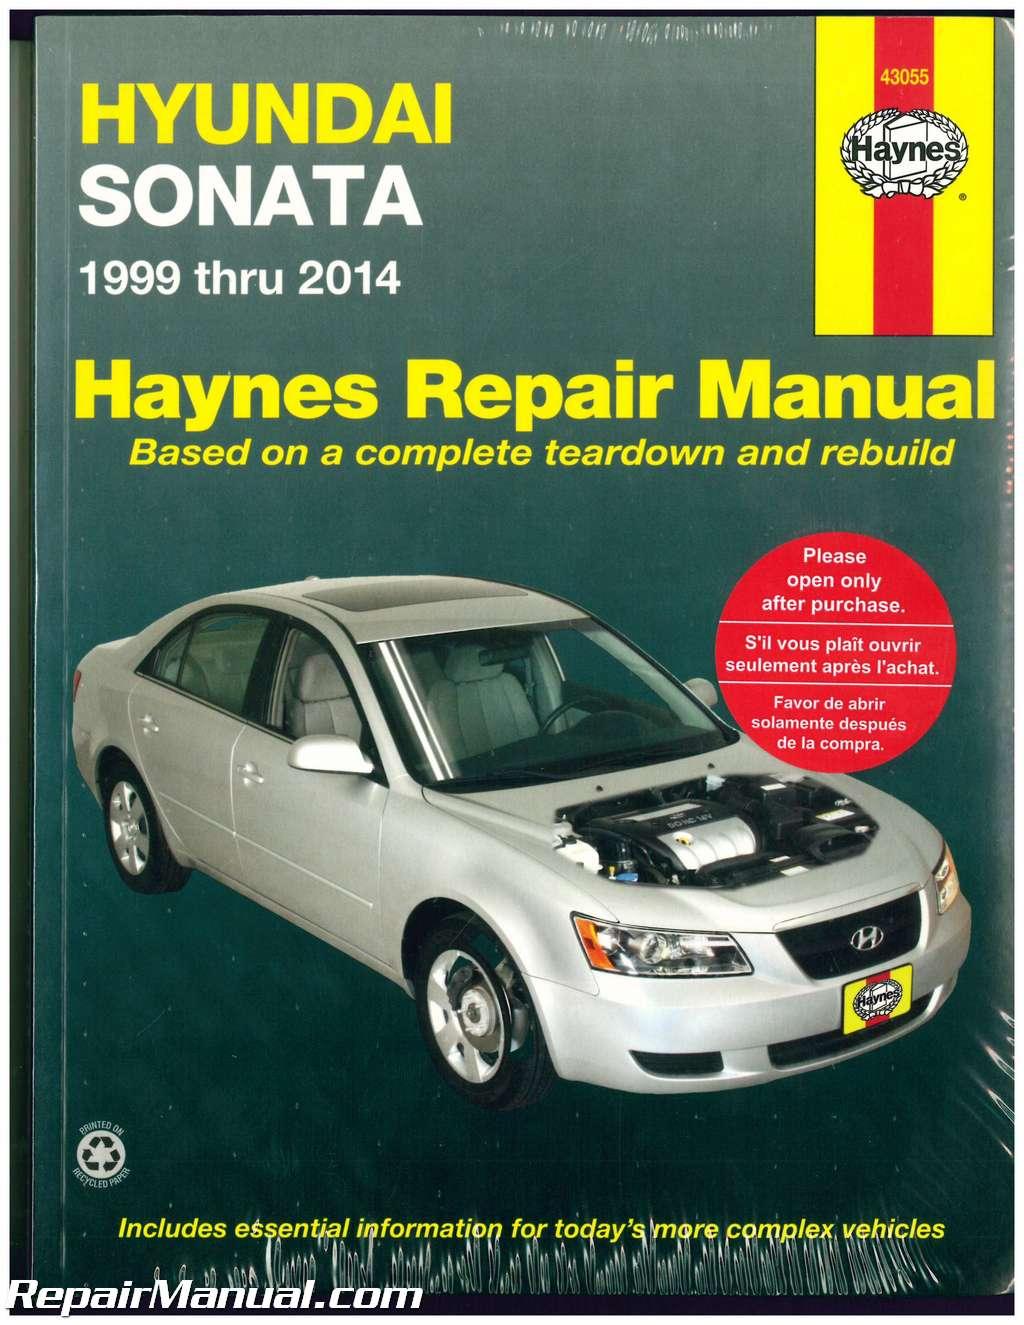 Haynes Hyundai Sonata 1999